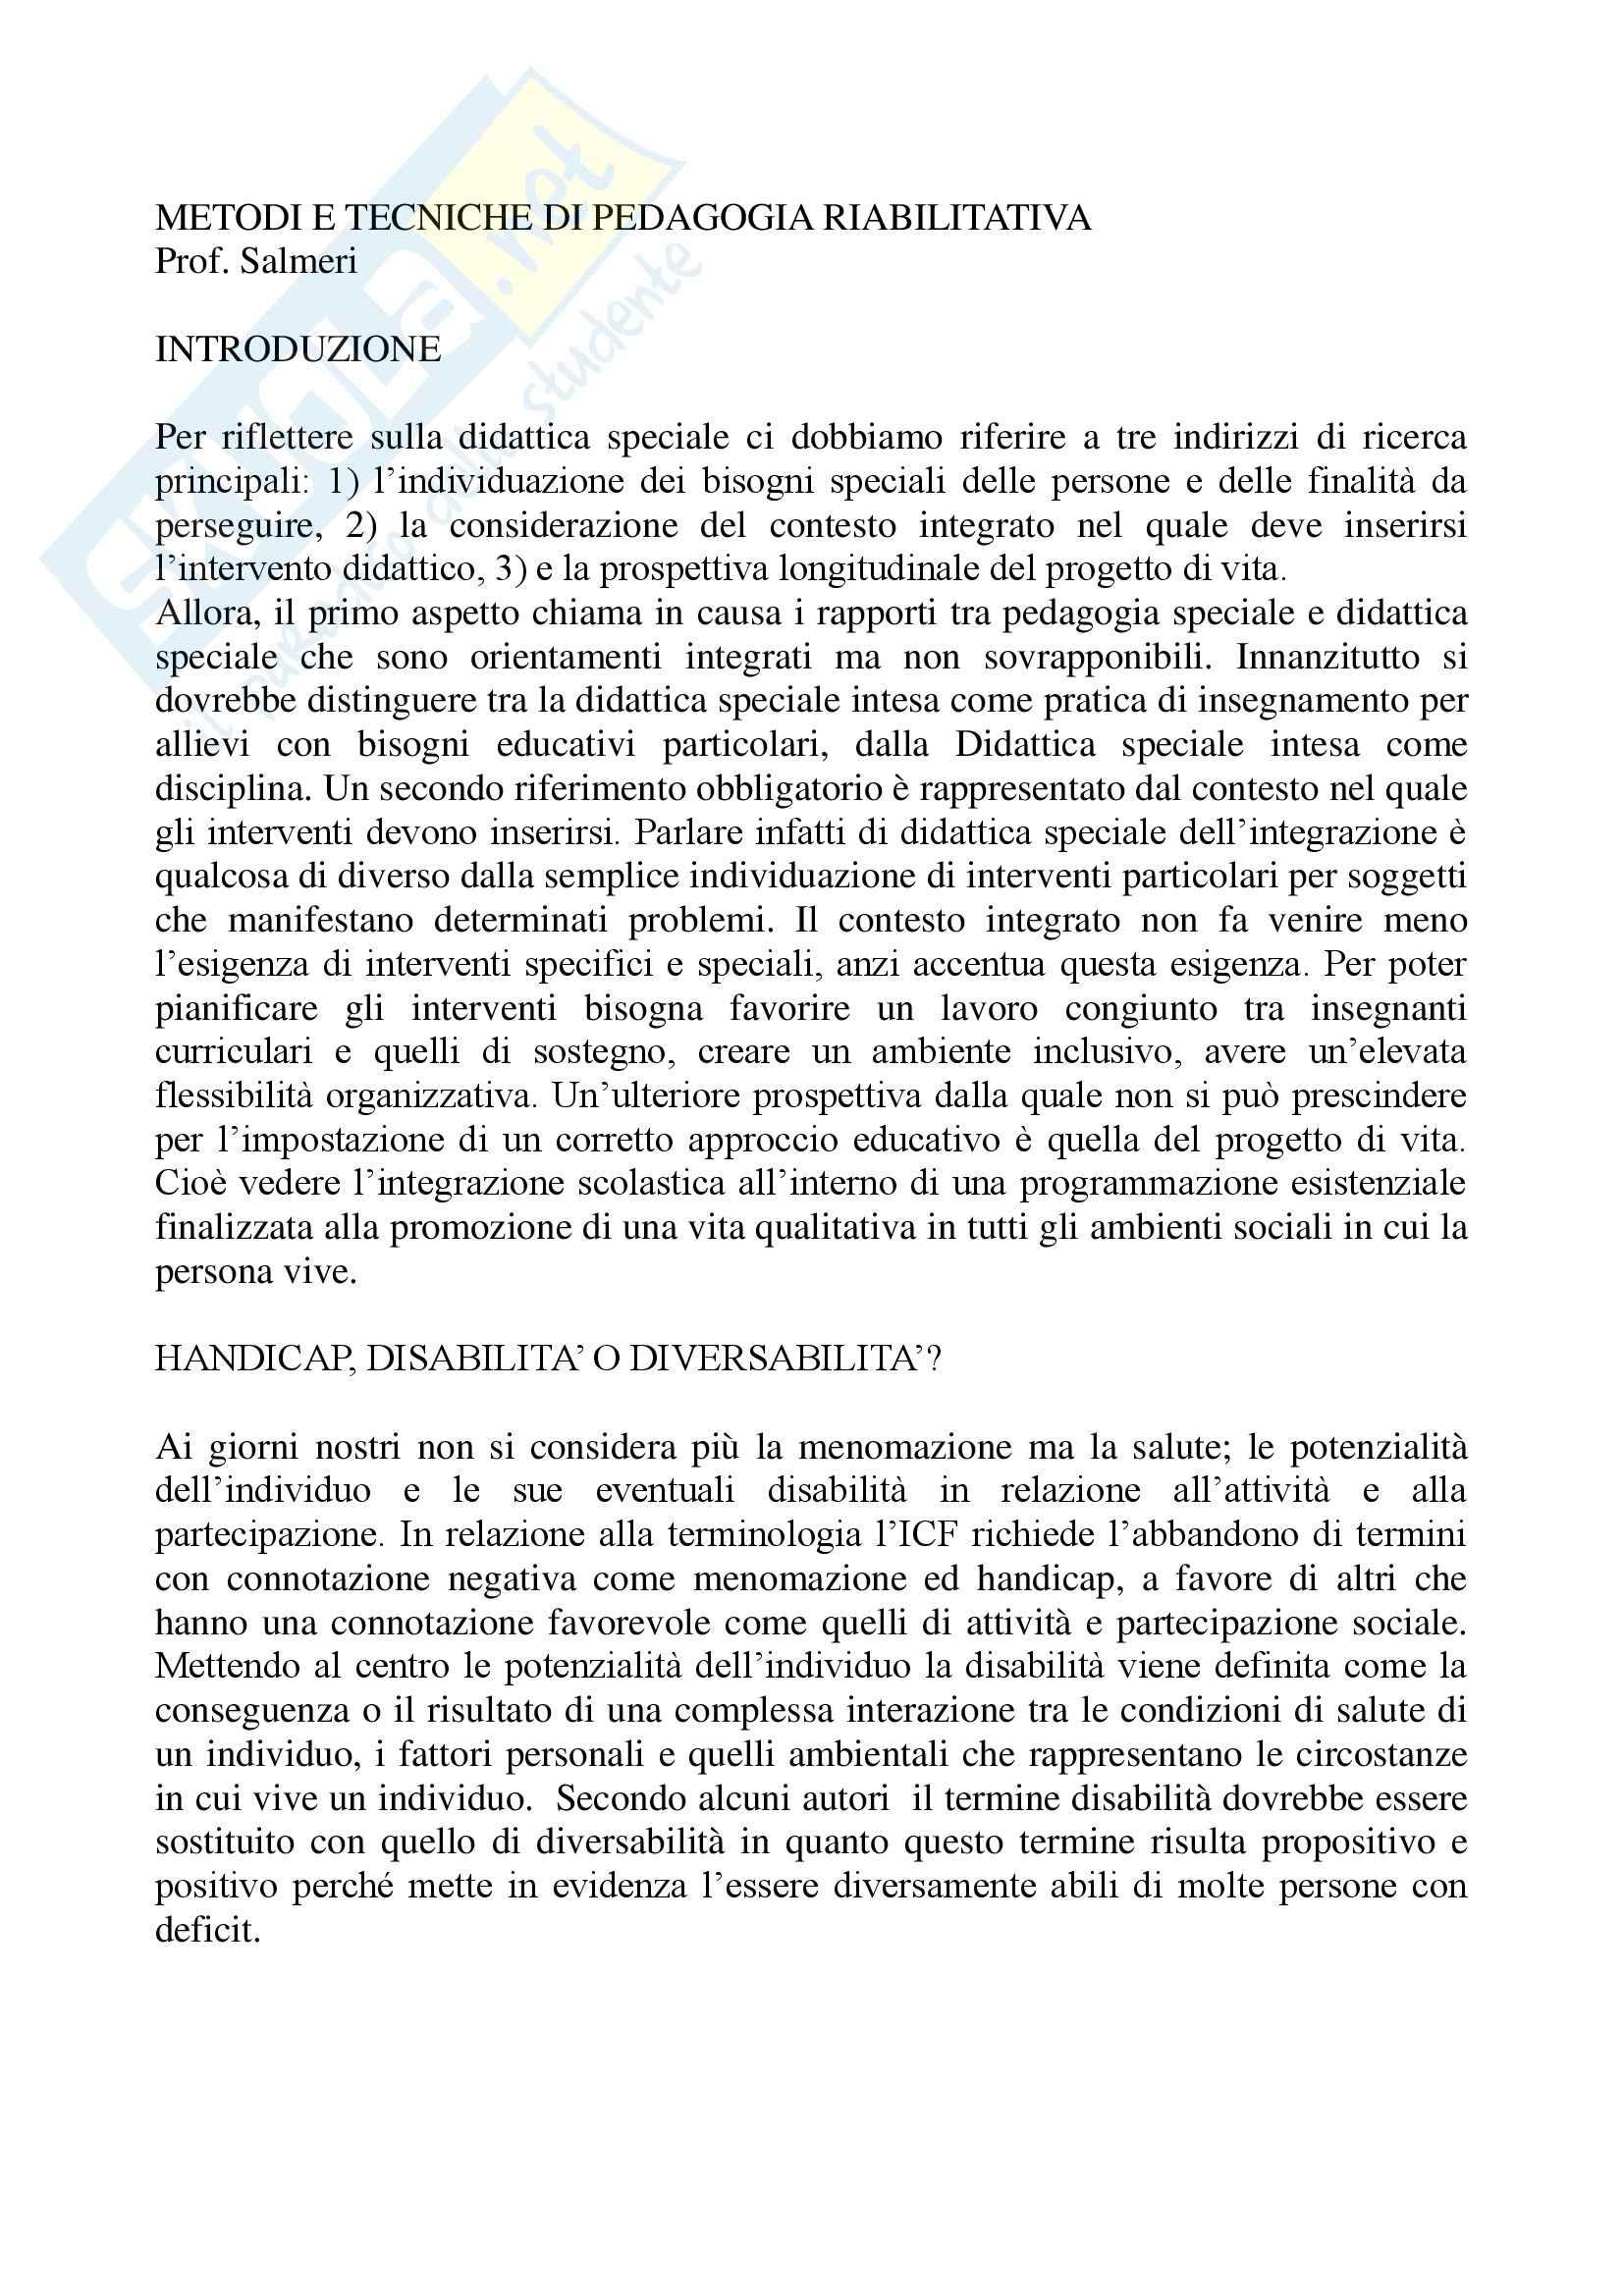 Pedagogia - metodi e tecniche di pedagogia riabilitativa - Riassunto esame, prof. Salmeri